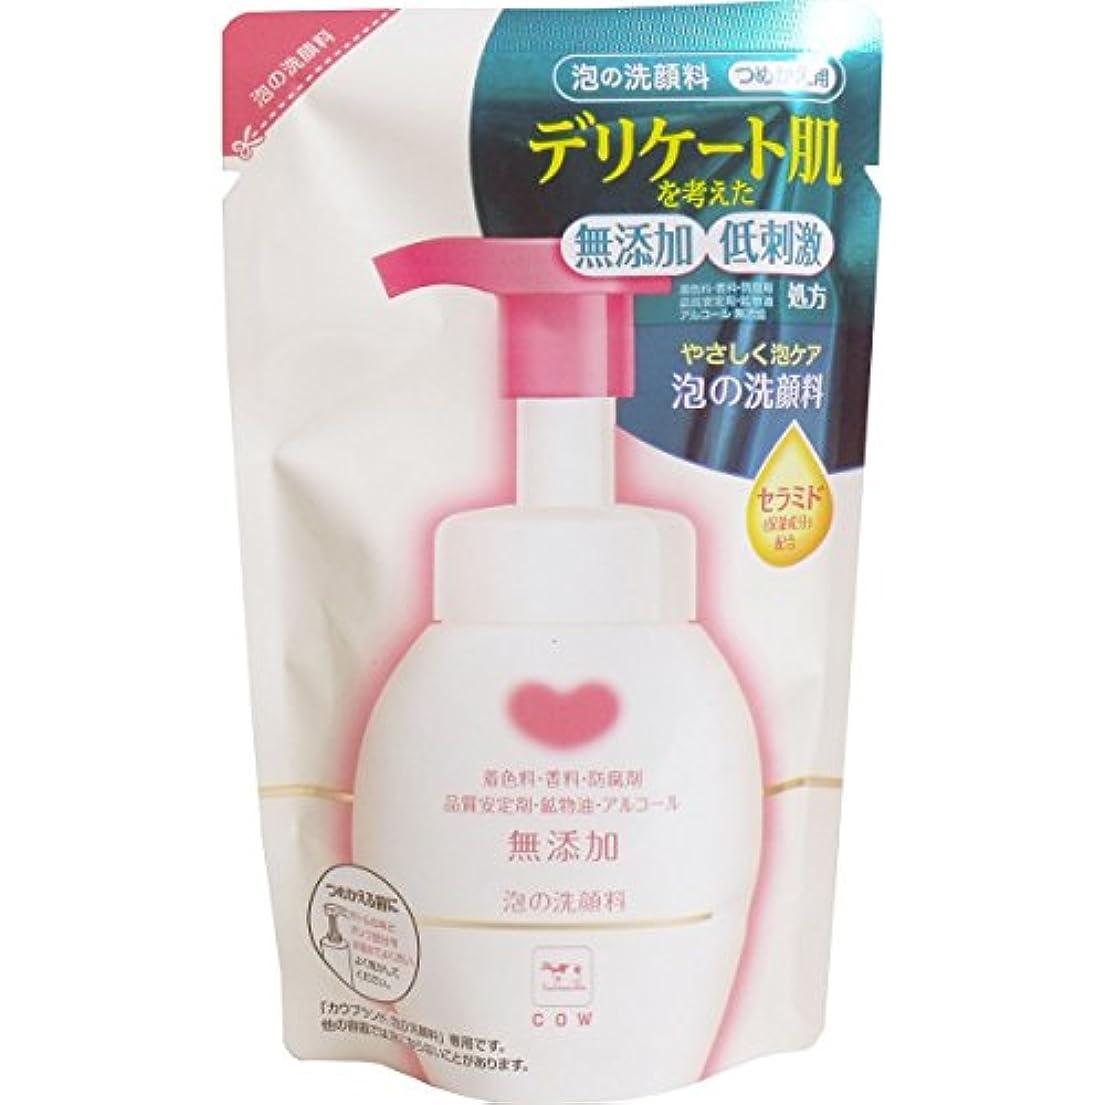 操る間接的罰【まとめ買い】カウブランド 無添加泡の洗顔料 詰替用 180ML ×2セット